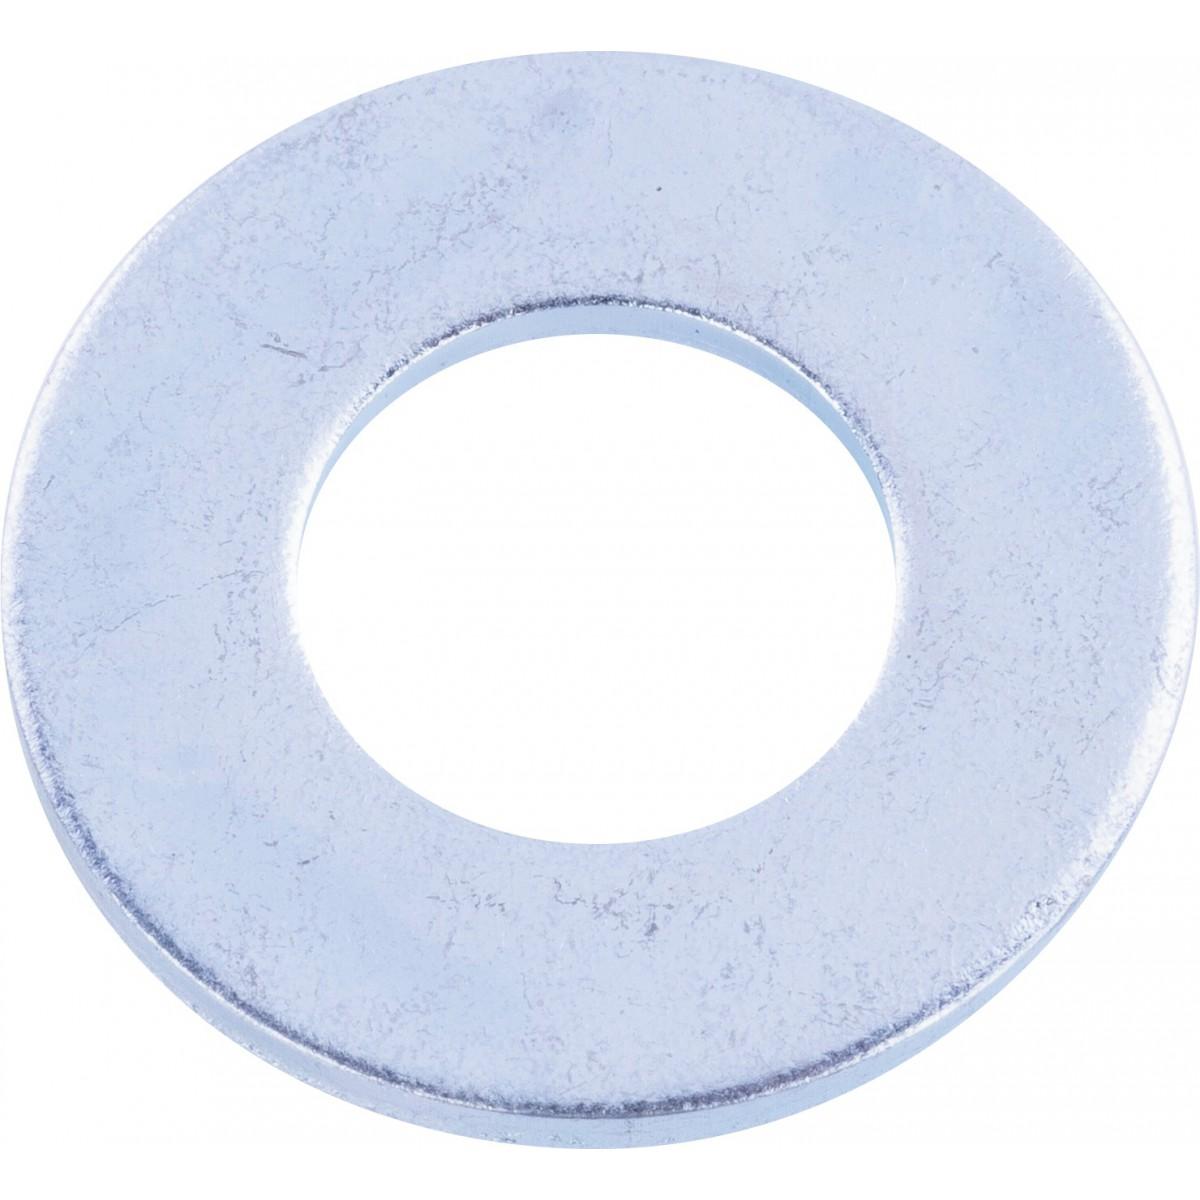 Rondelle plate acier zingué - Ø10mm - 200pces - Fixpro